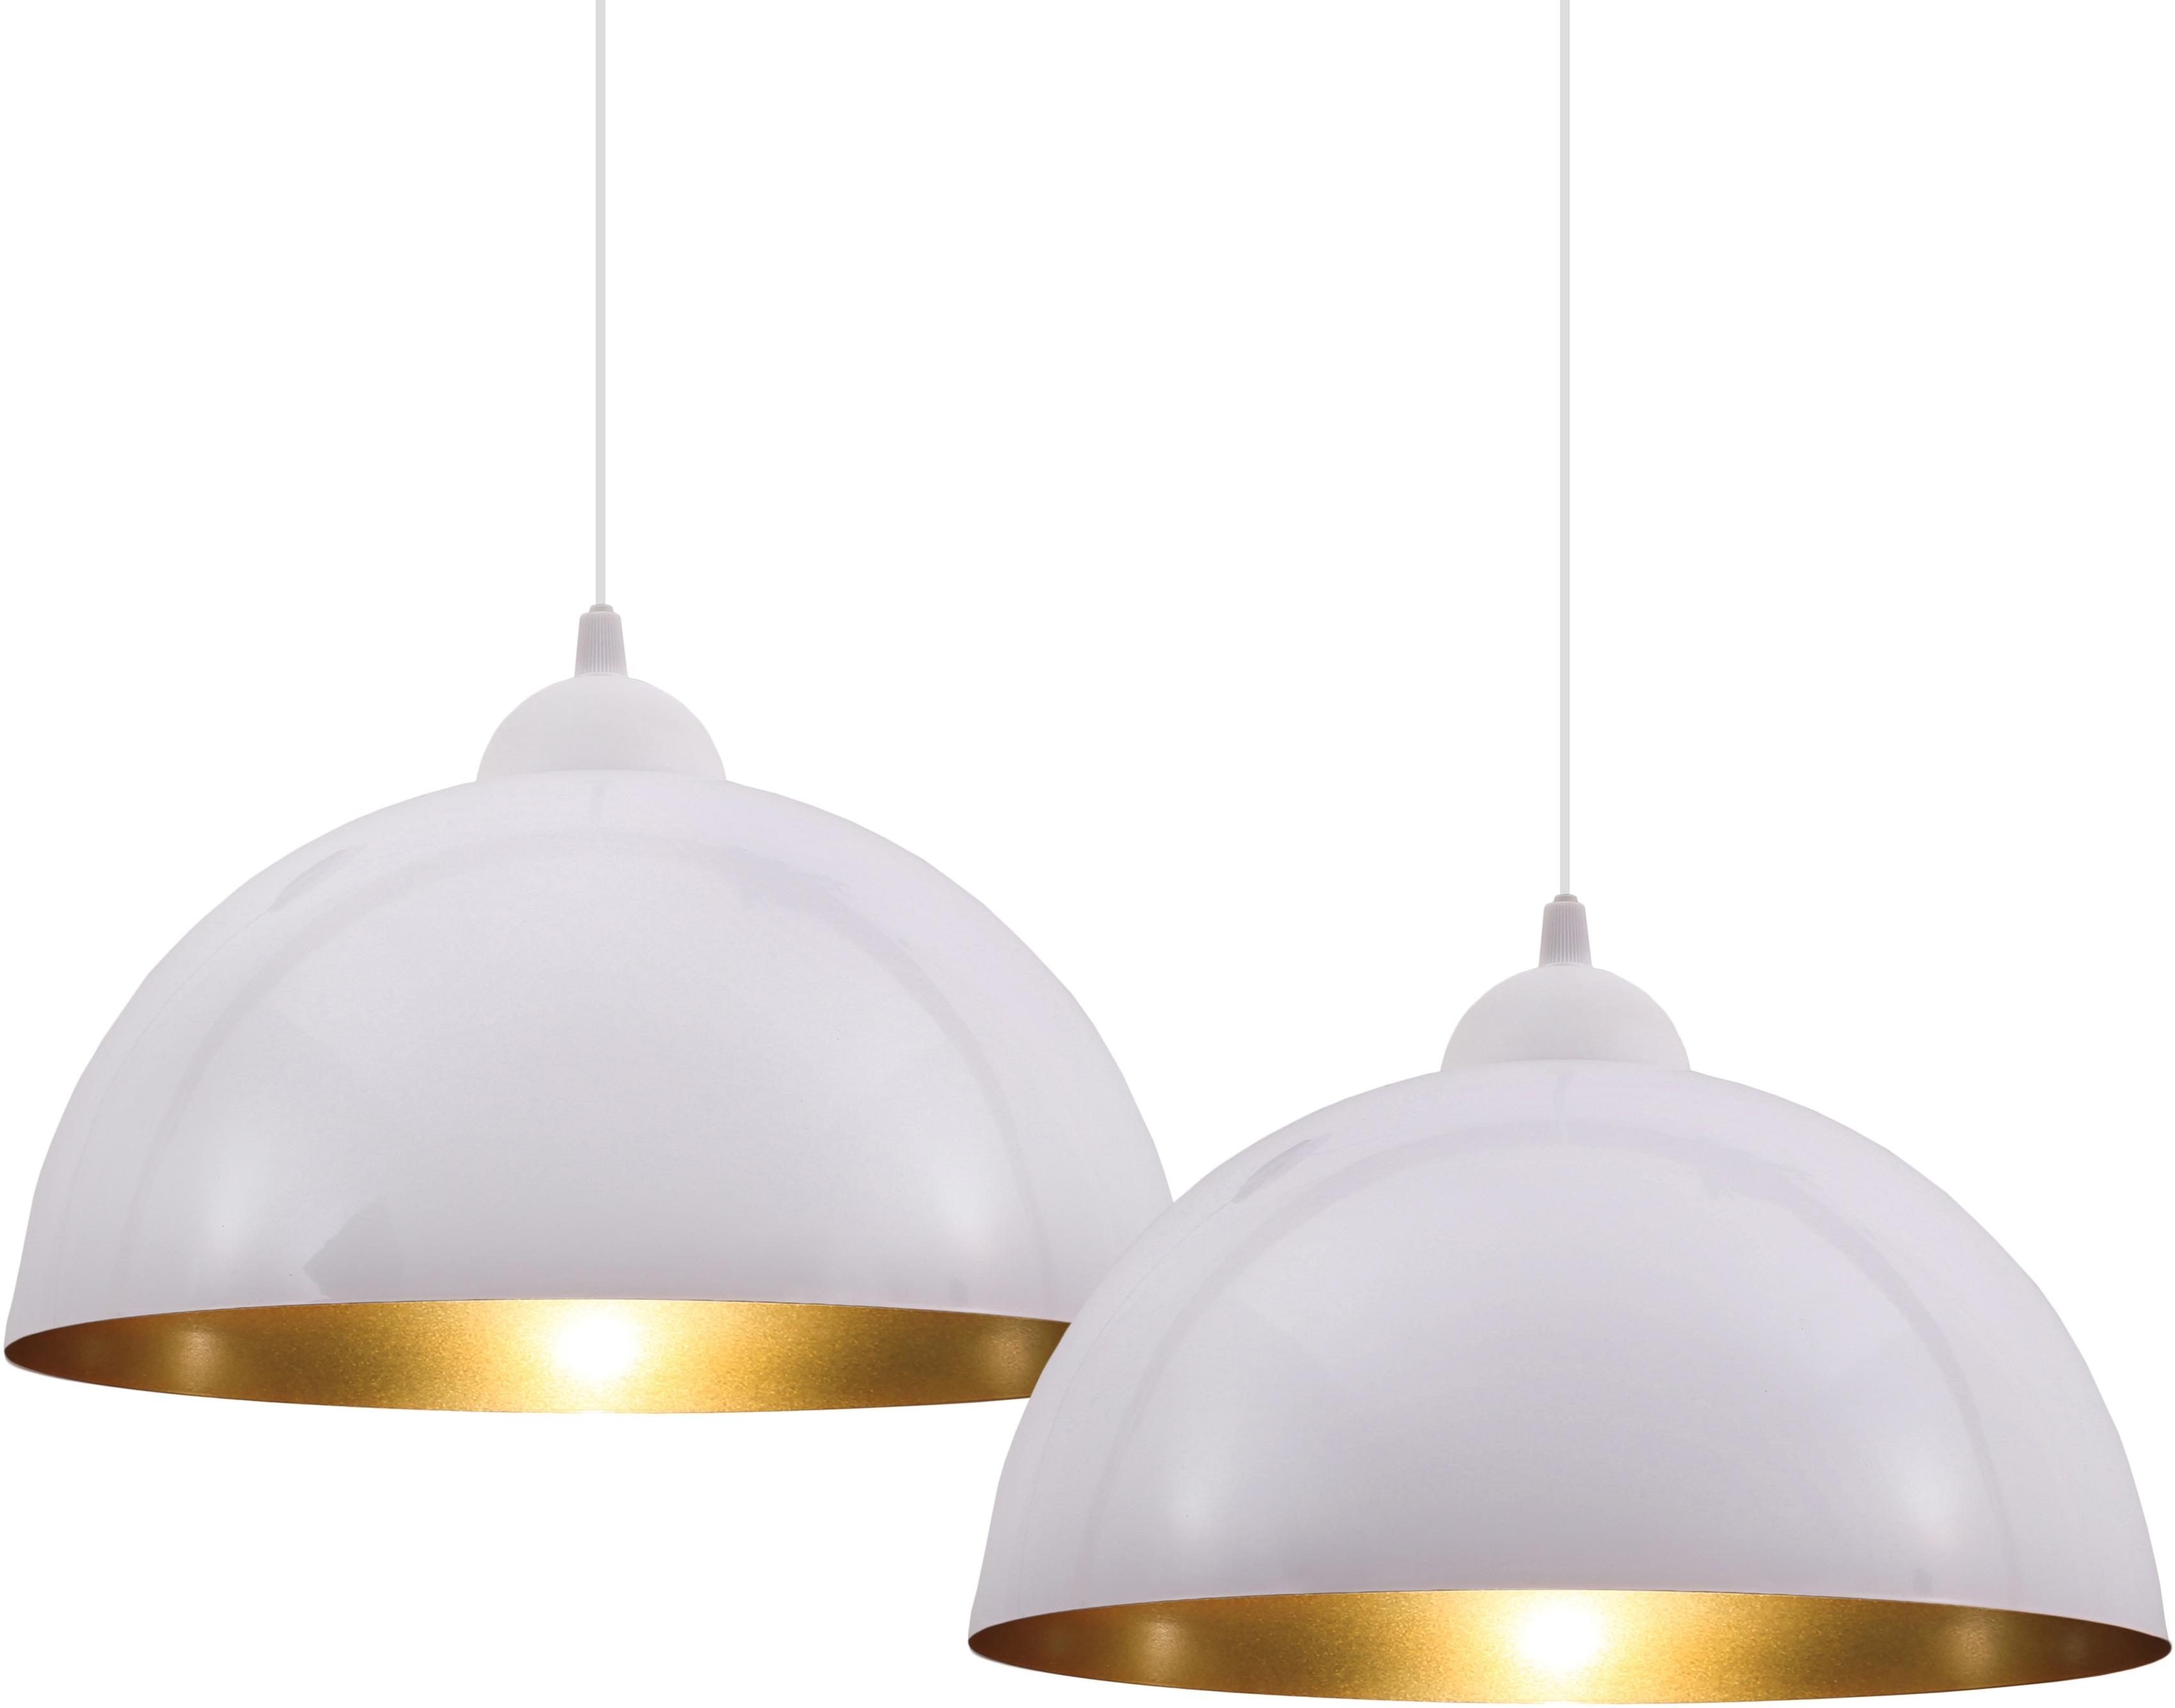 B.K.Licht Pendelleuchte Auriga, E27, 2 St., Design Hängelampe Hängeleuchte weiß-gold Wohnzimmer Esszimmer E27